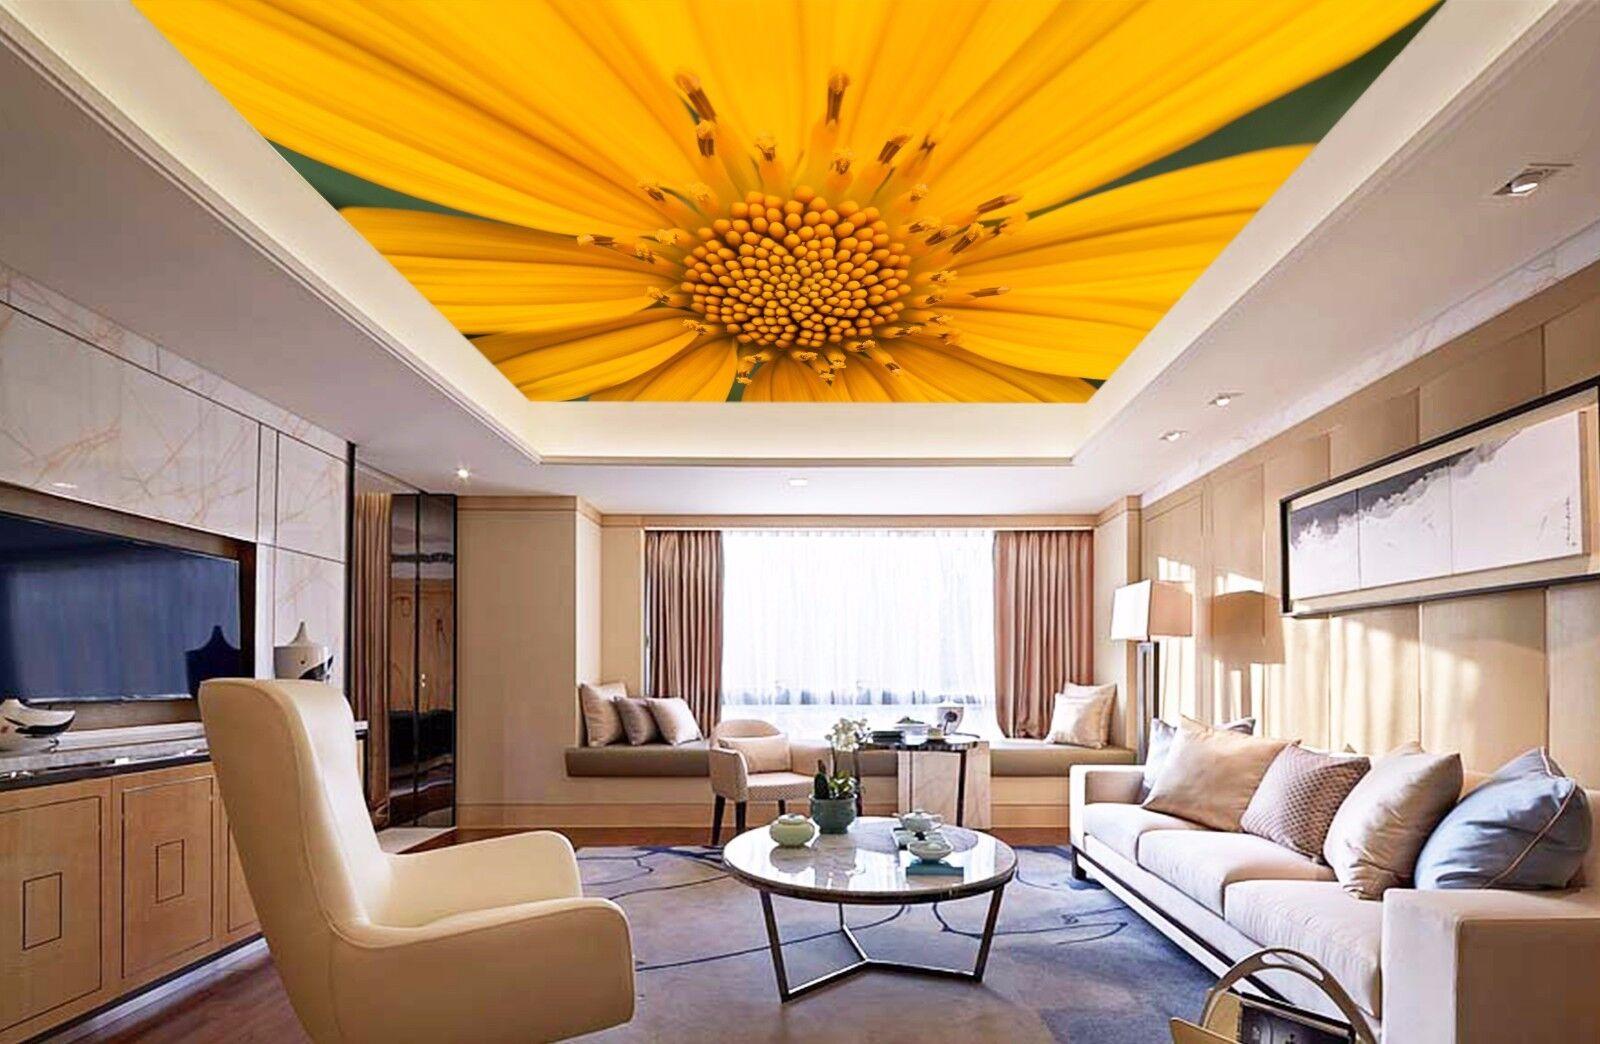 3D Yellow Petal 9 Ceiling WallPaper Murals Wall Print Decal Deco AJ WALLPAPER GB